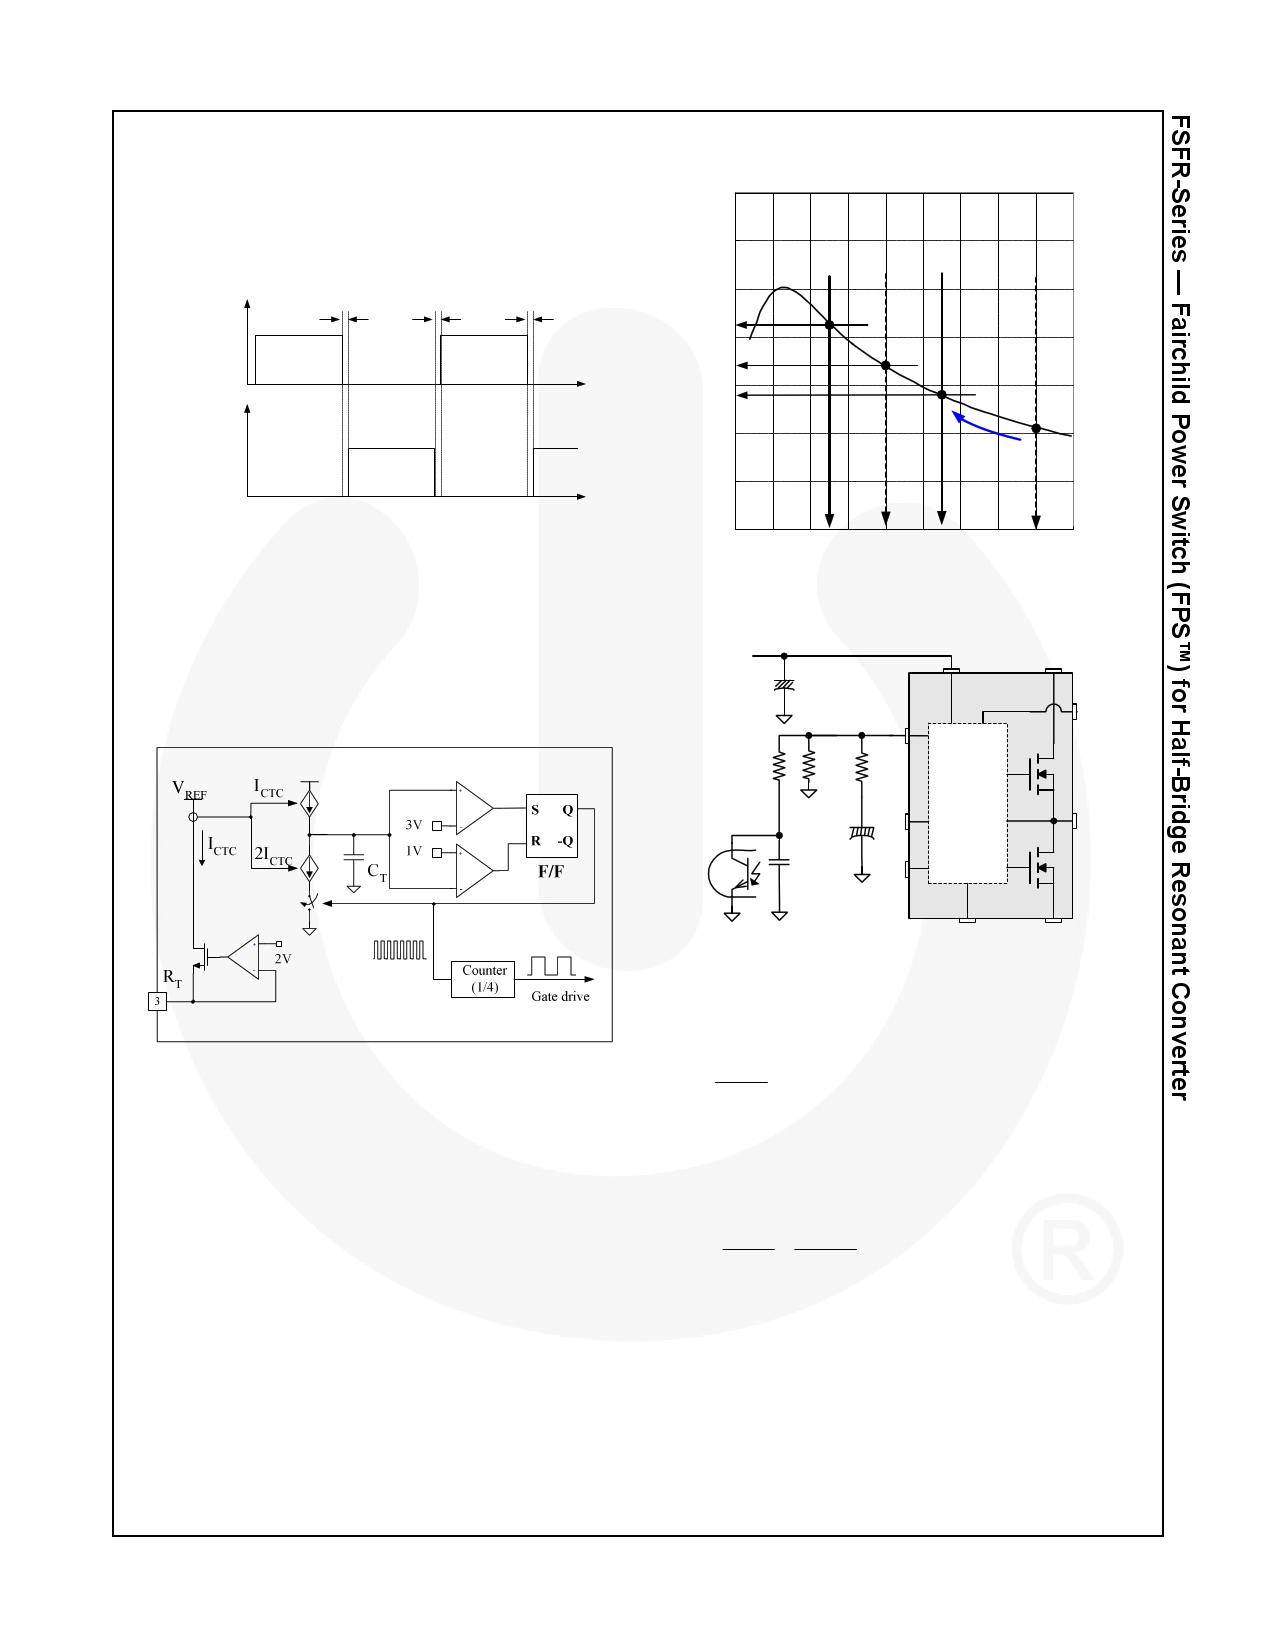 FSFR1800L arduino